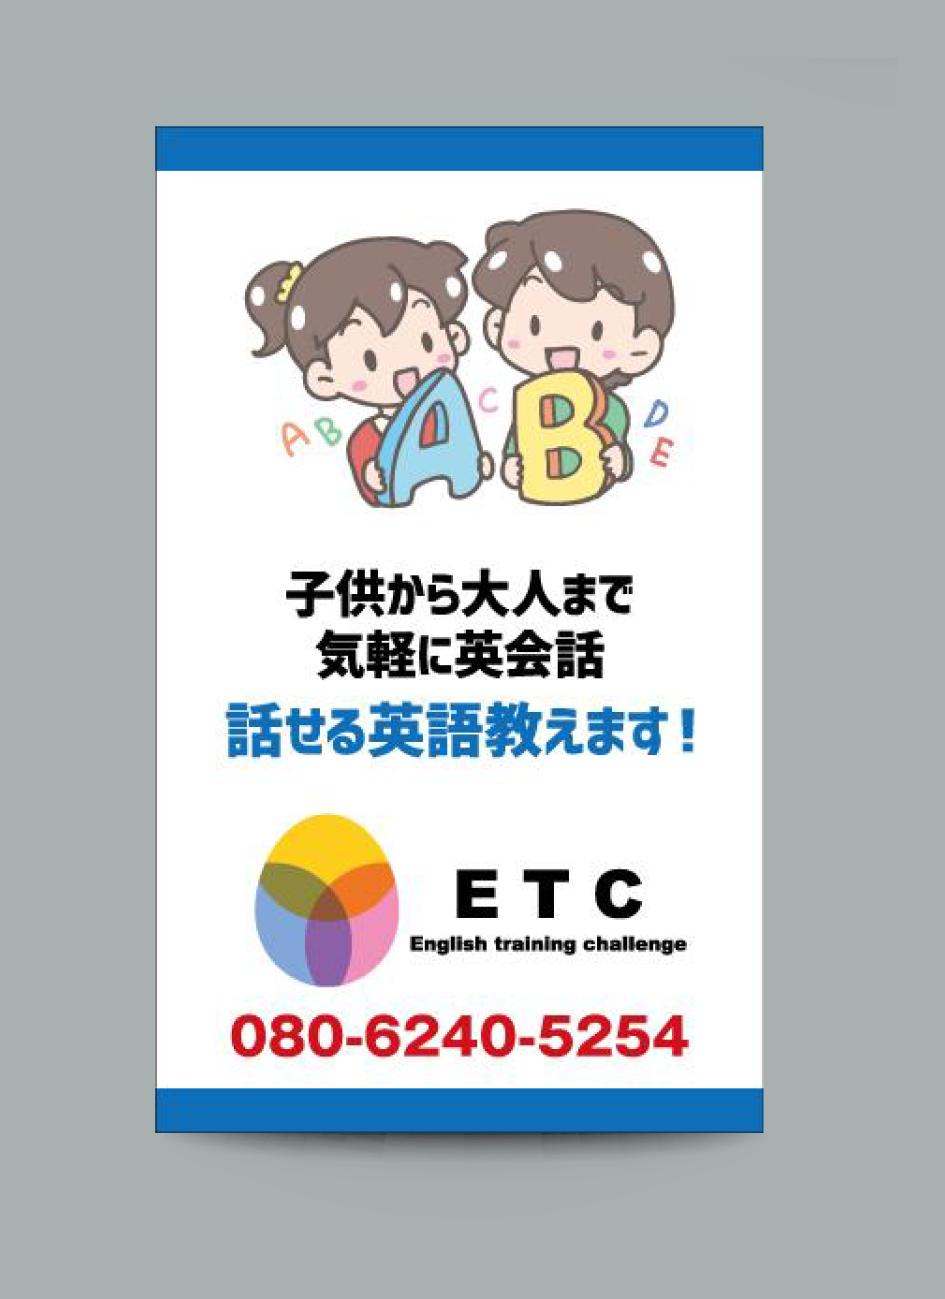 ETC様ロゴマーク、名刺制作